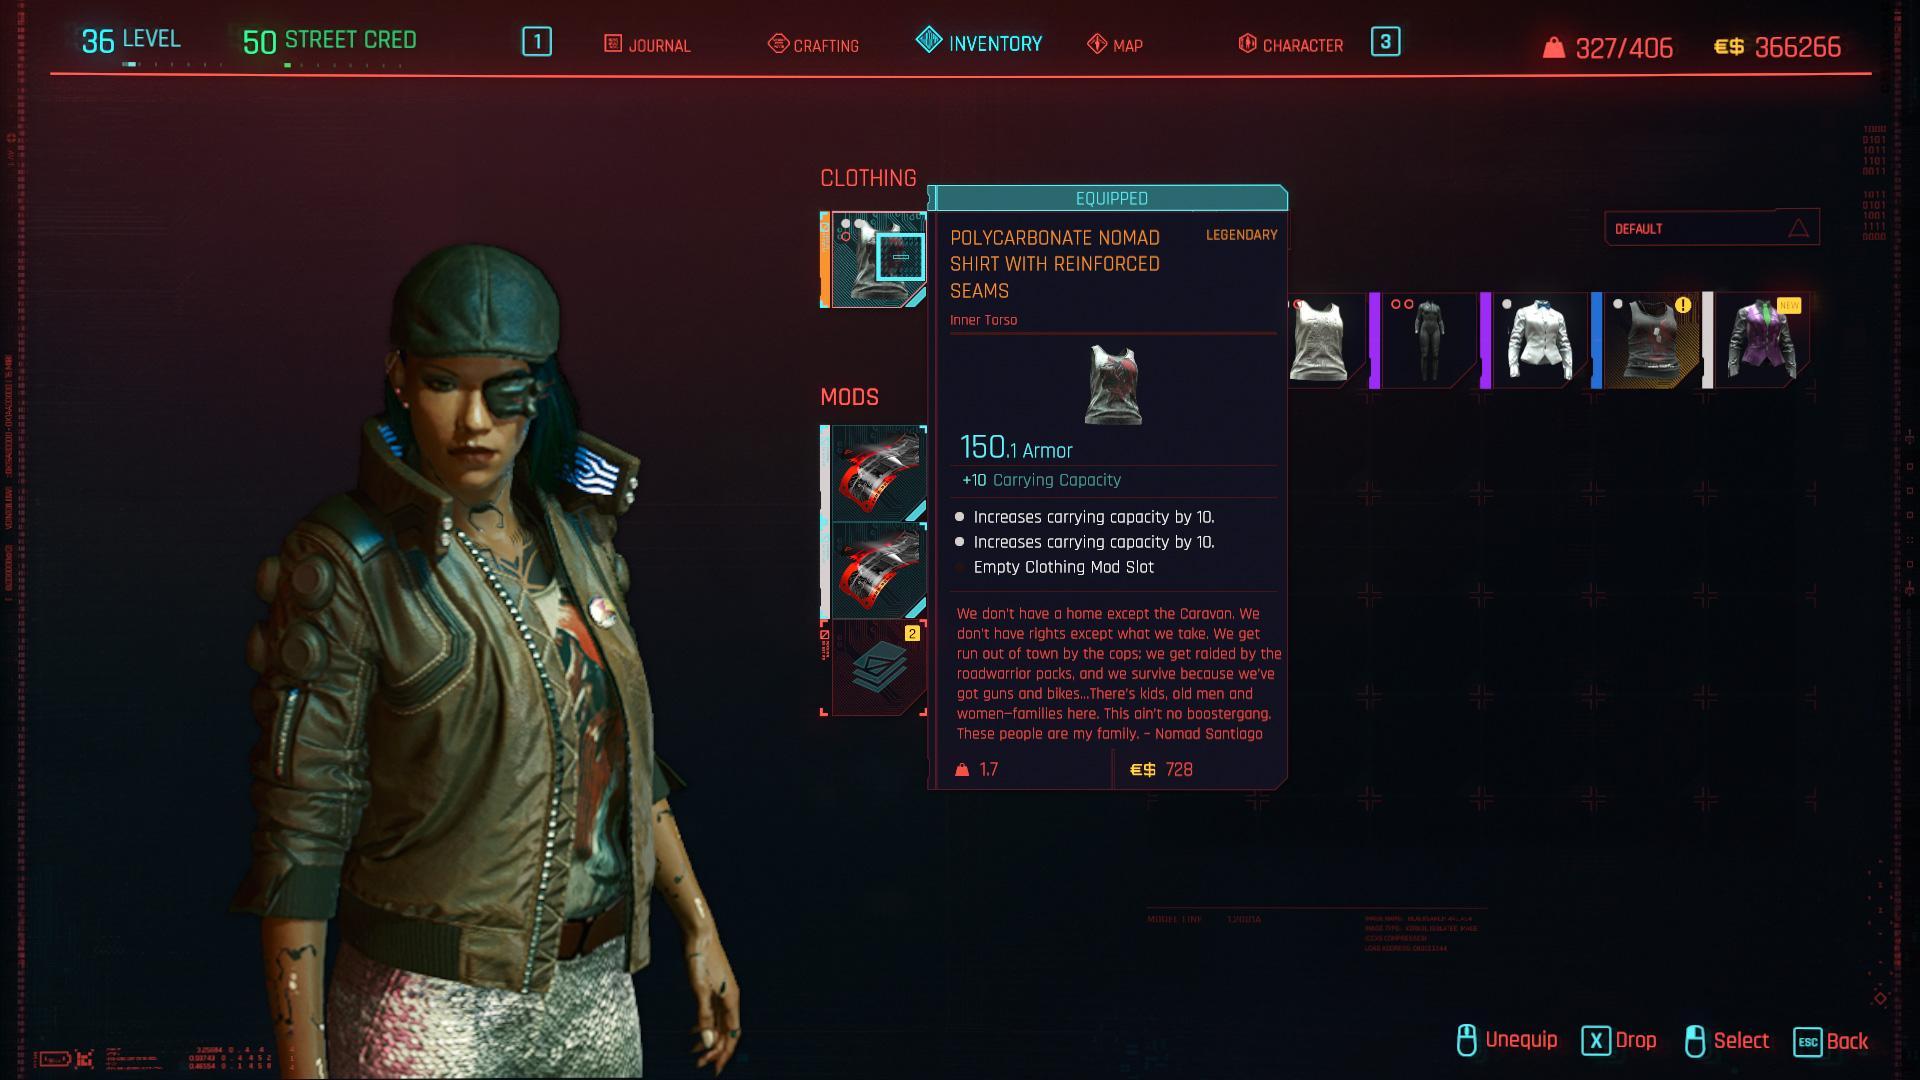 Tous les vêtements légendaires et emblématiques de Cyberpunk 2077 - Chemise nomade en polycarbonate avec coutures renforcées